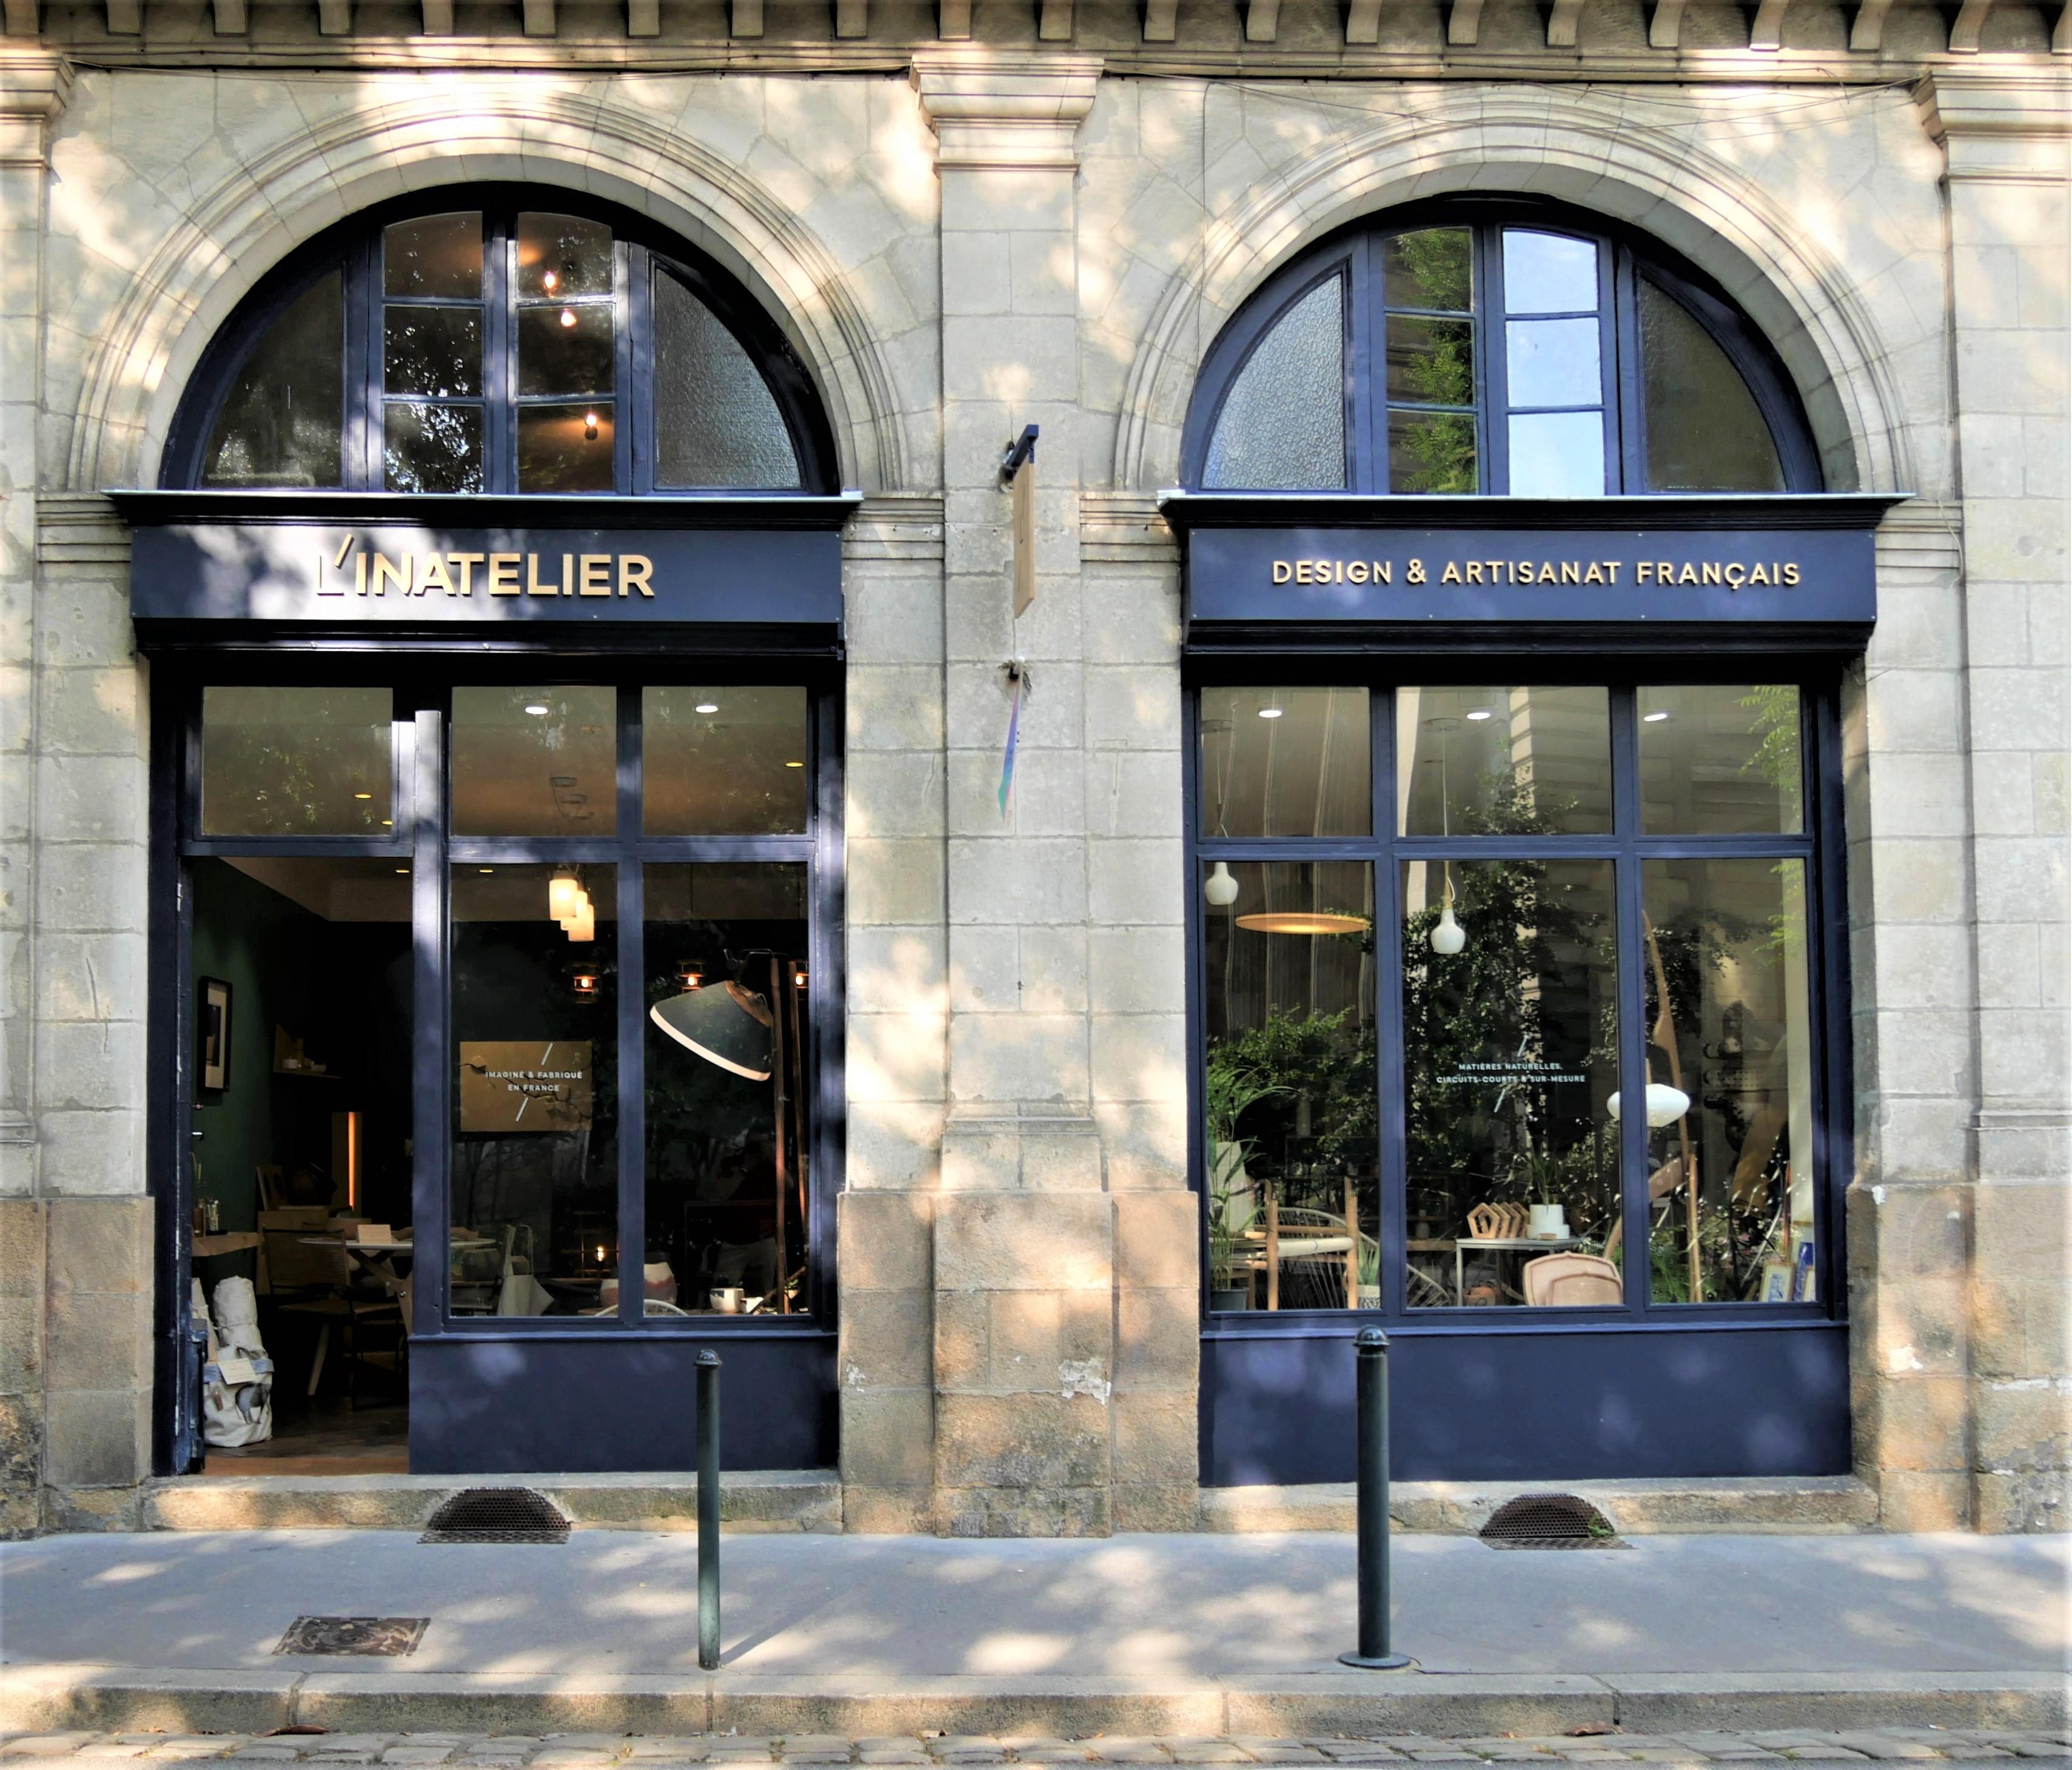 Galerie d'image - L'INATELIER (linatelier.fr)